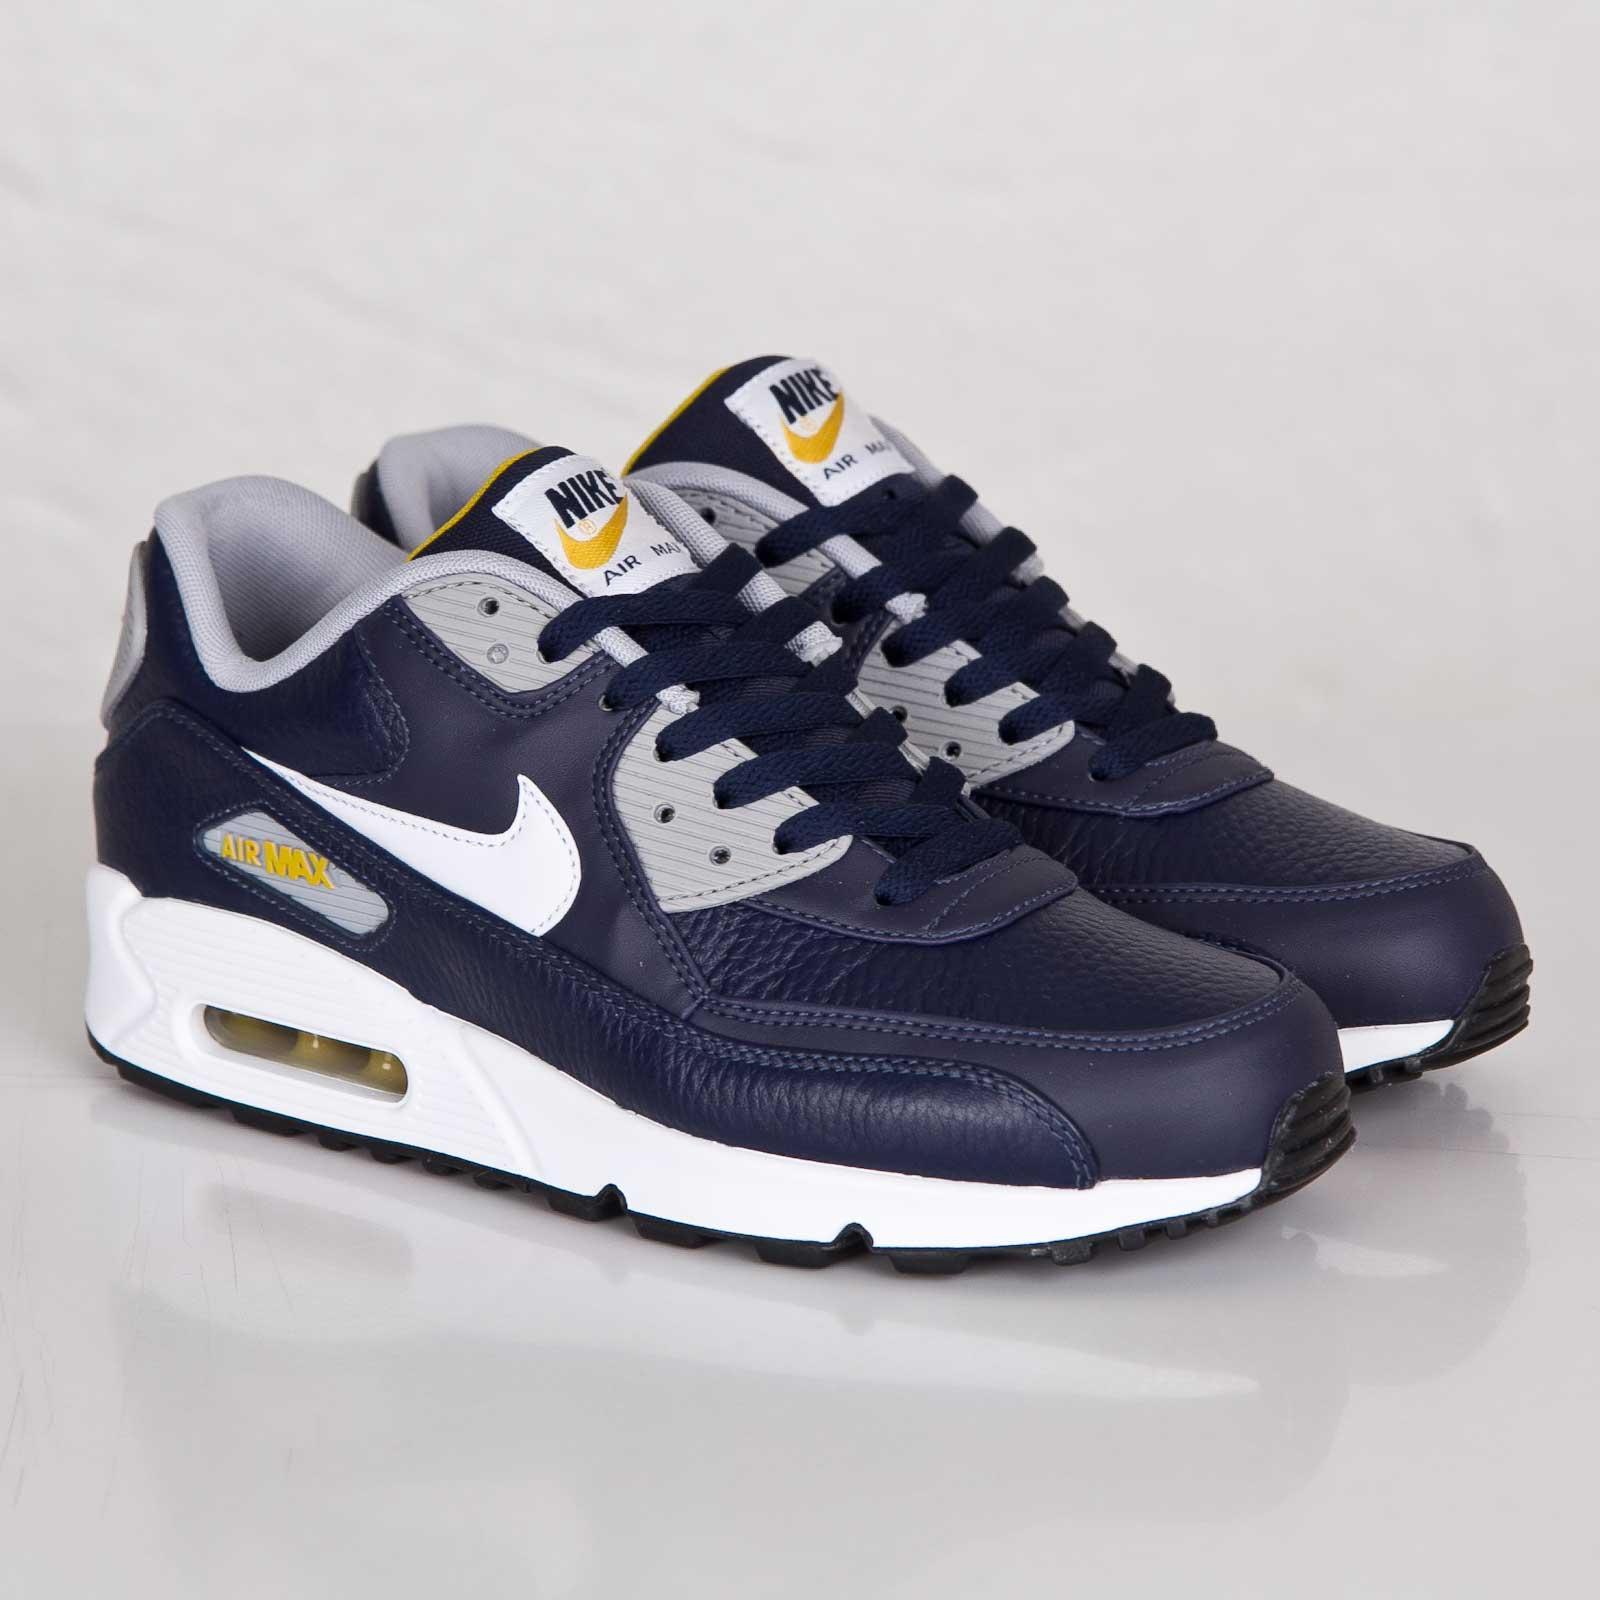 Nike Air Max 90 LTR 652980 400 Sneakersnstuff   sneakers